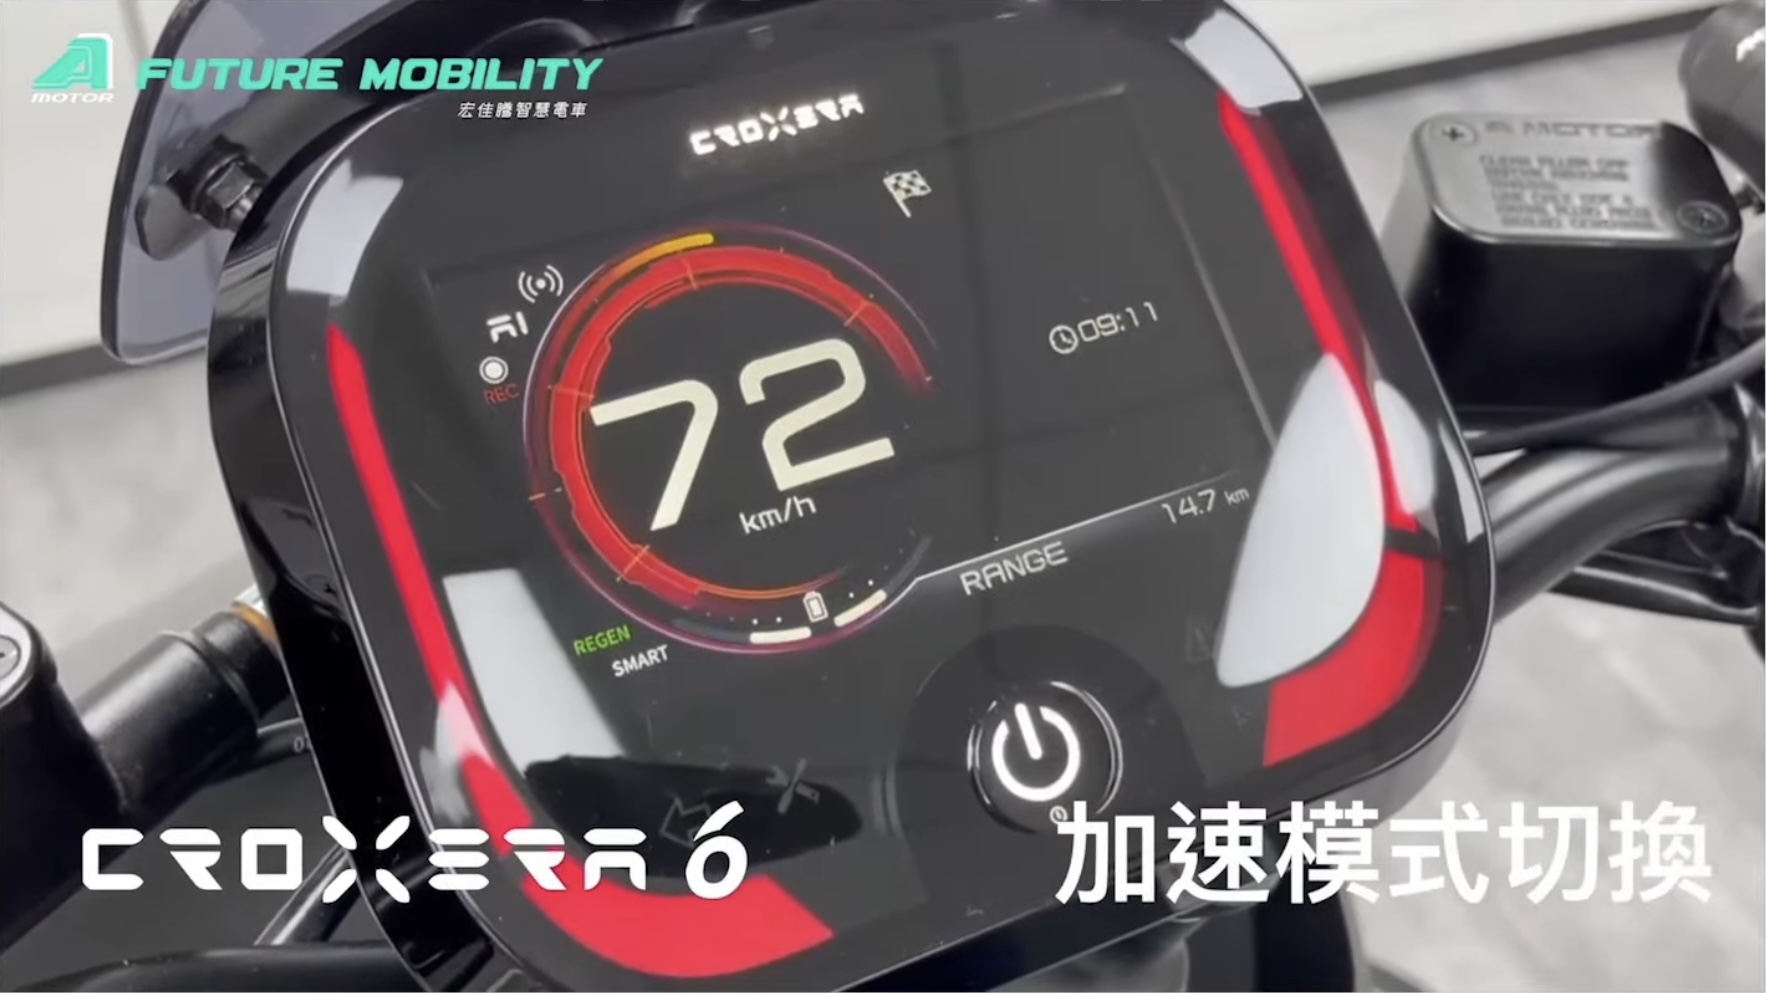 宏佳騰、Ai-1 Ultra ABS、CROXERA 6